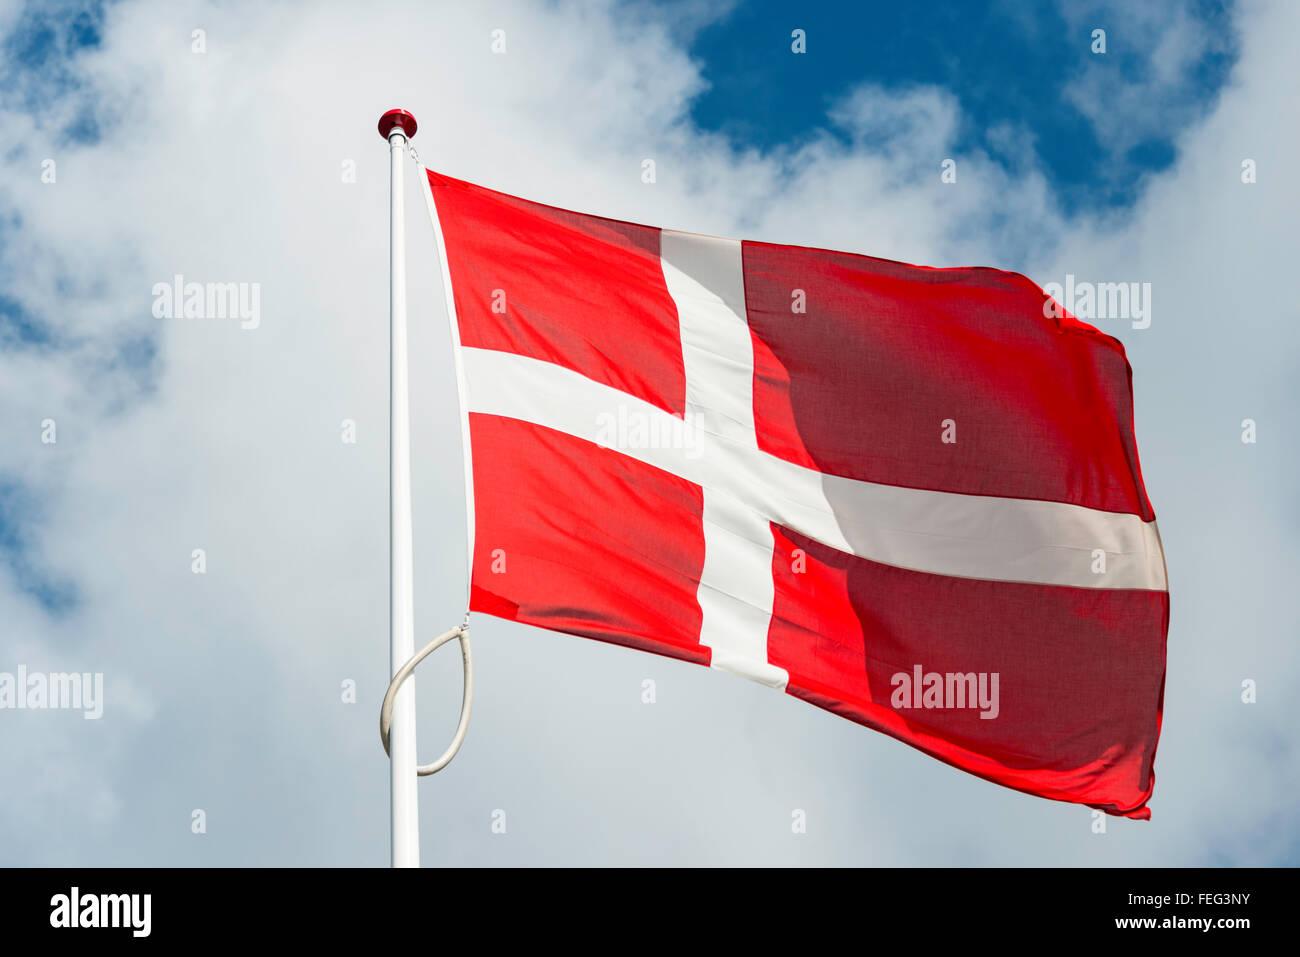 Danish national flag, Copenhagen, Hovedstaden Region, Denmark - Stock Image